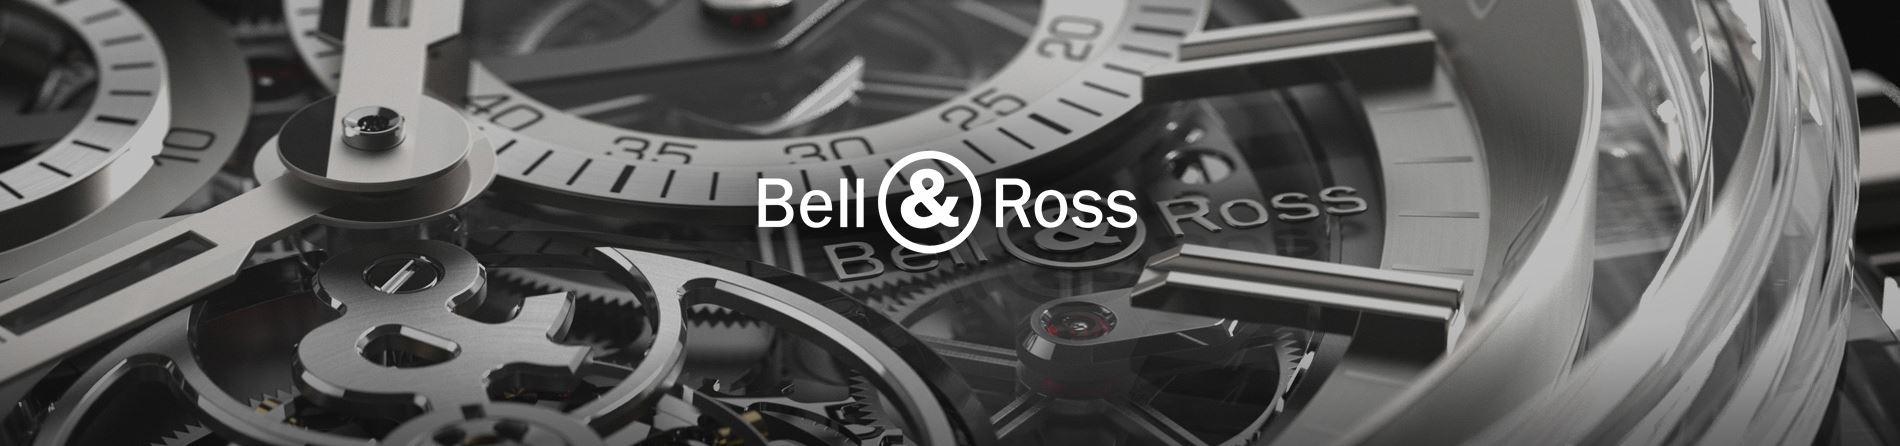 Montres Bell & Ross Homme & Femme